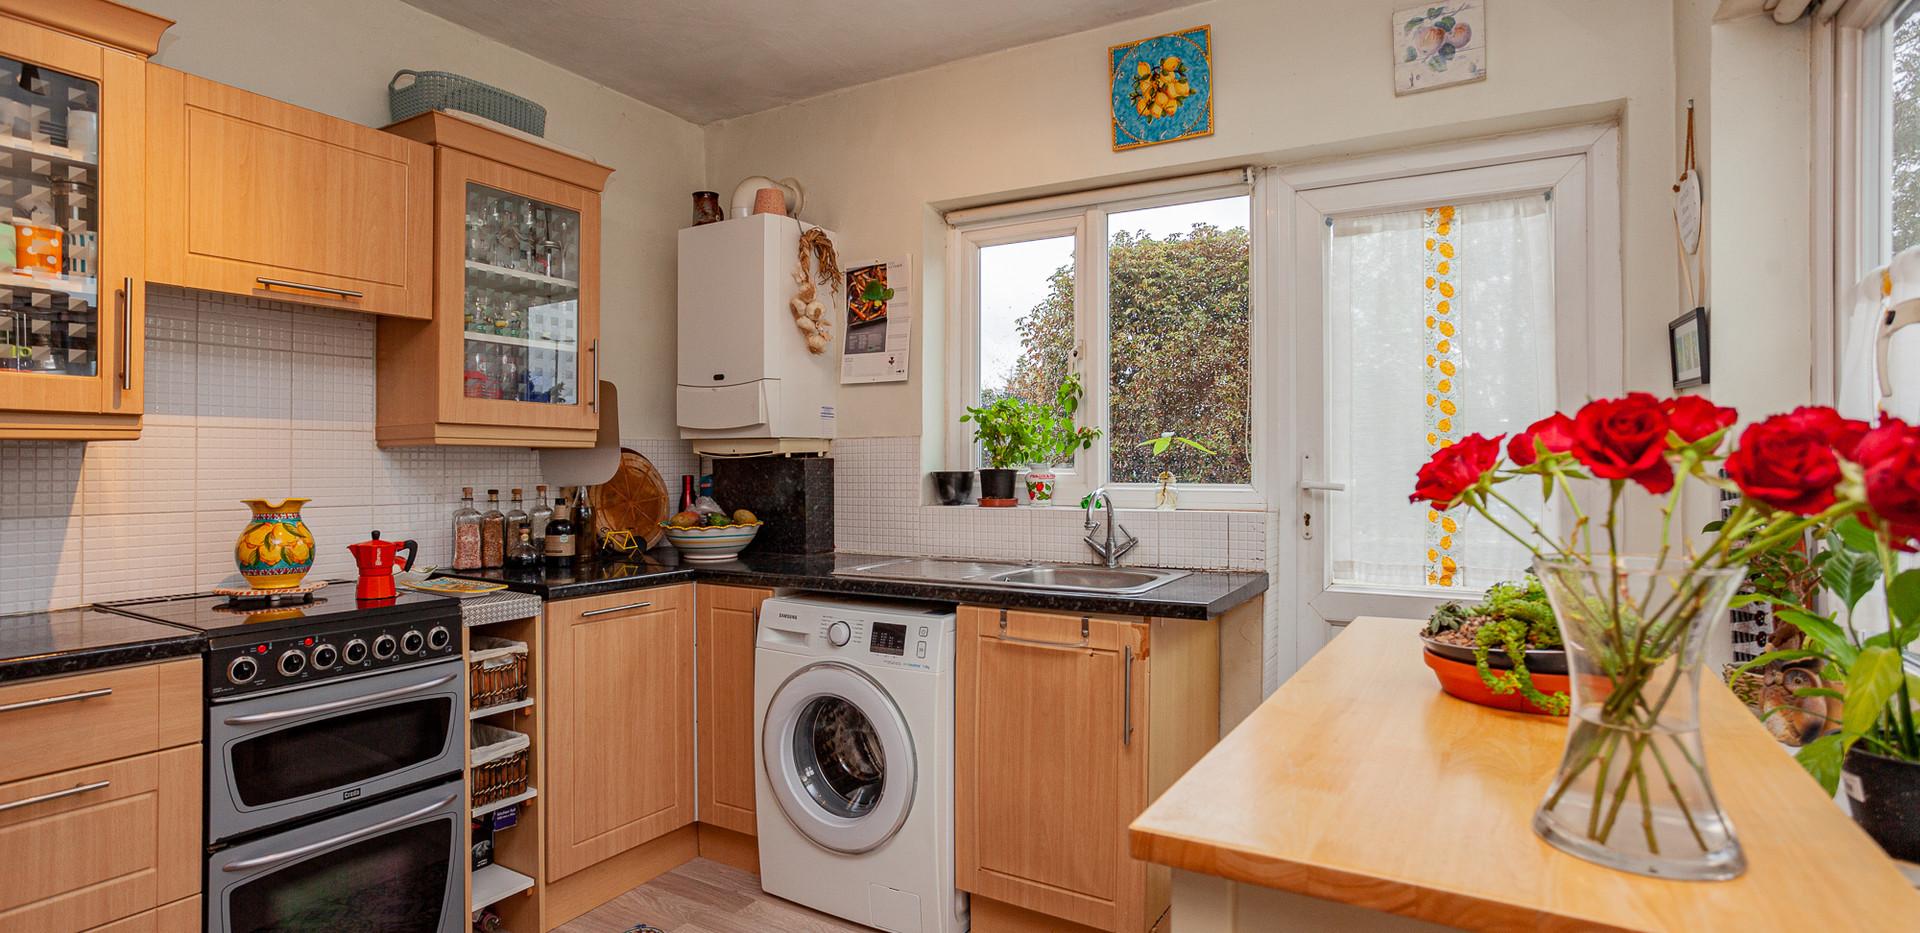 Aboyne-Drive-London-maisonette-IMG_9453.